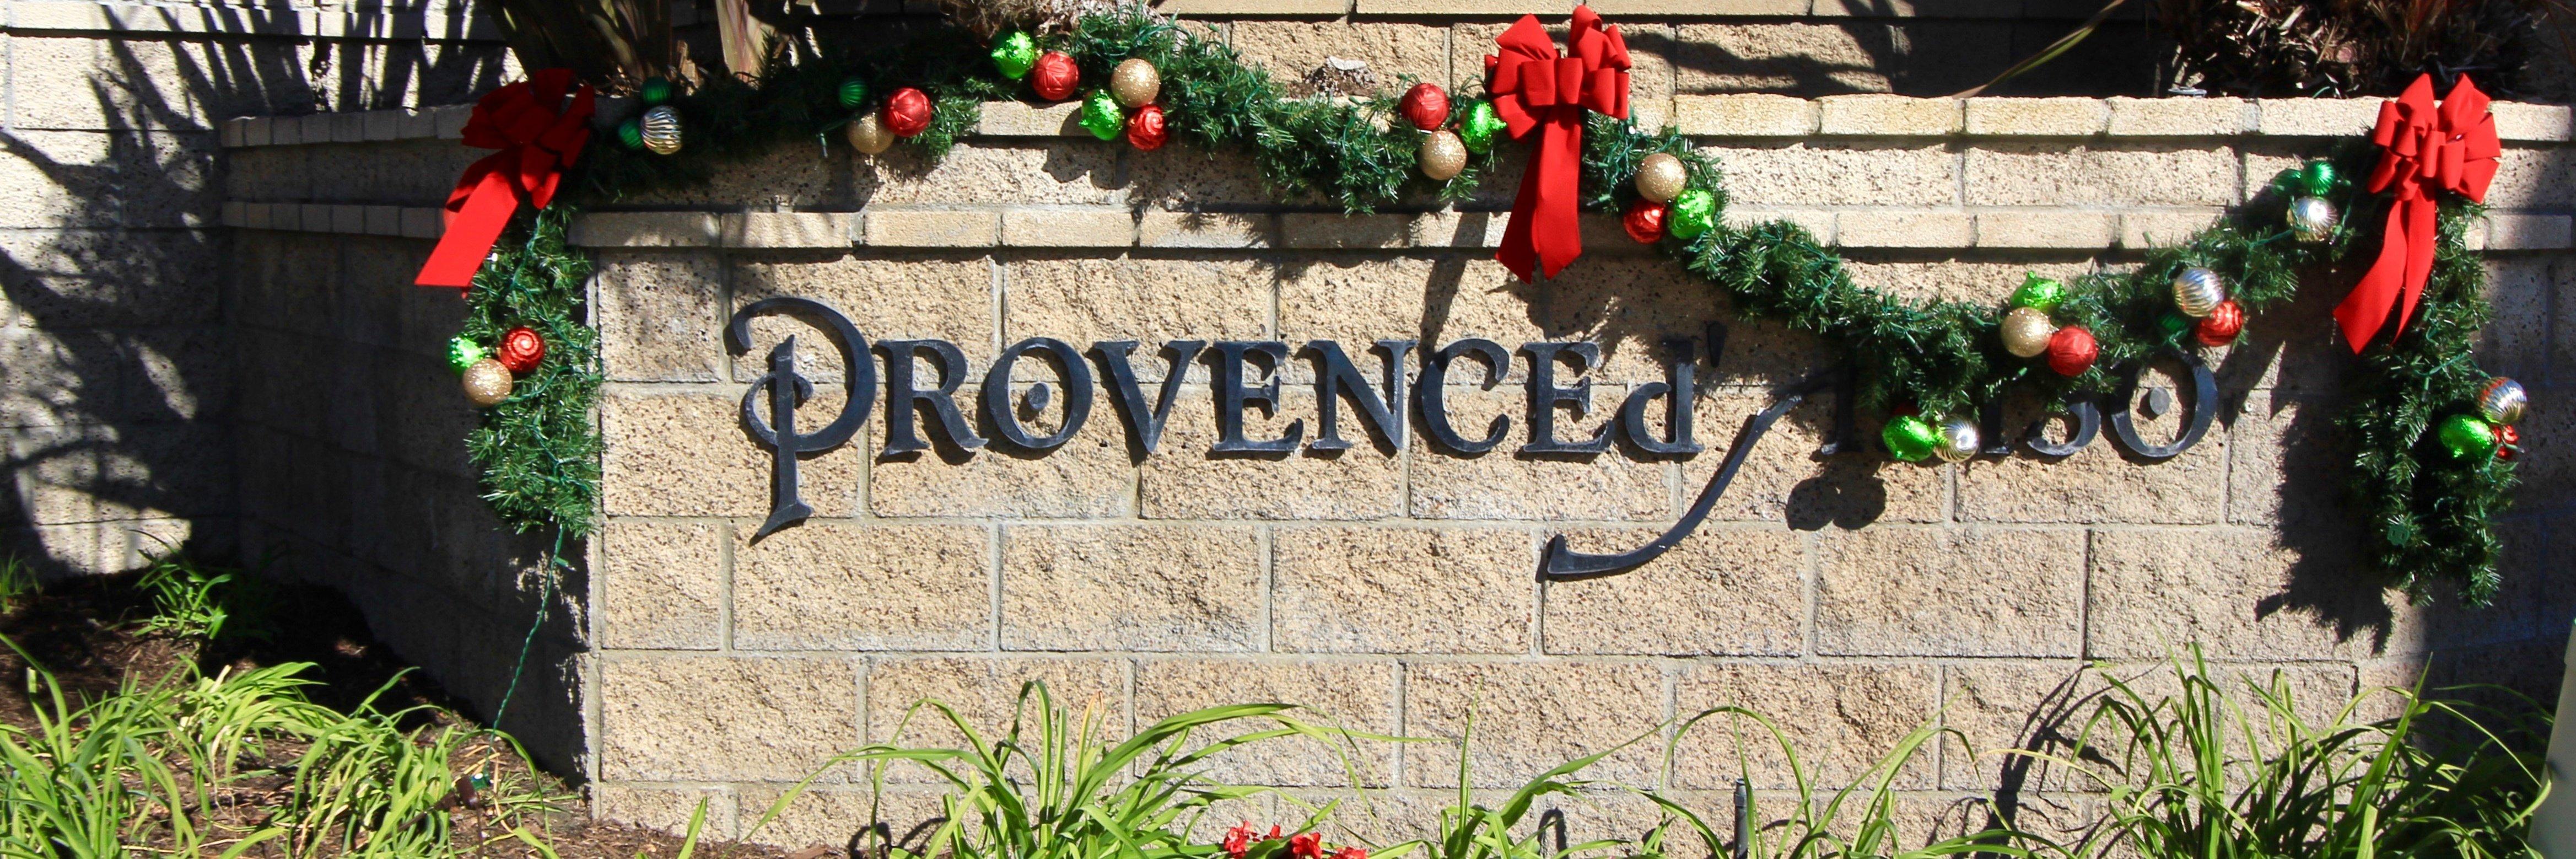 Provence D' Aliso Community Marquee in Aliso Viejo Ca